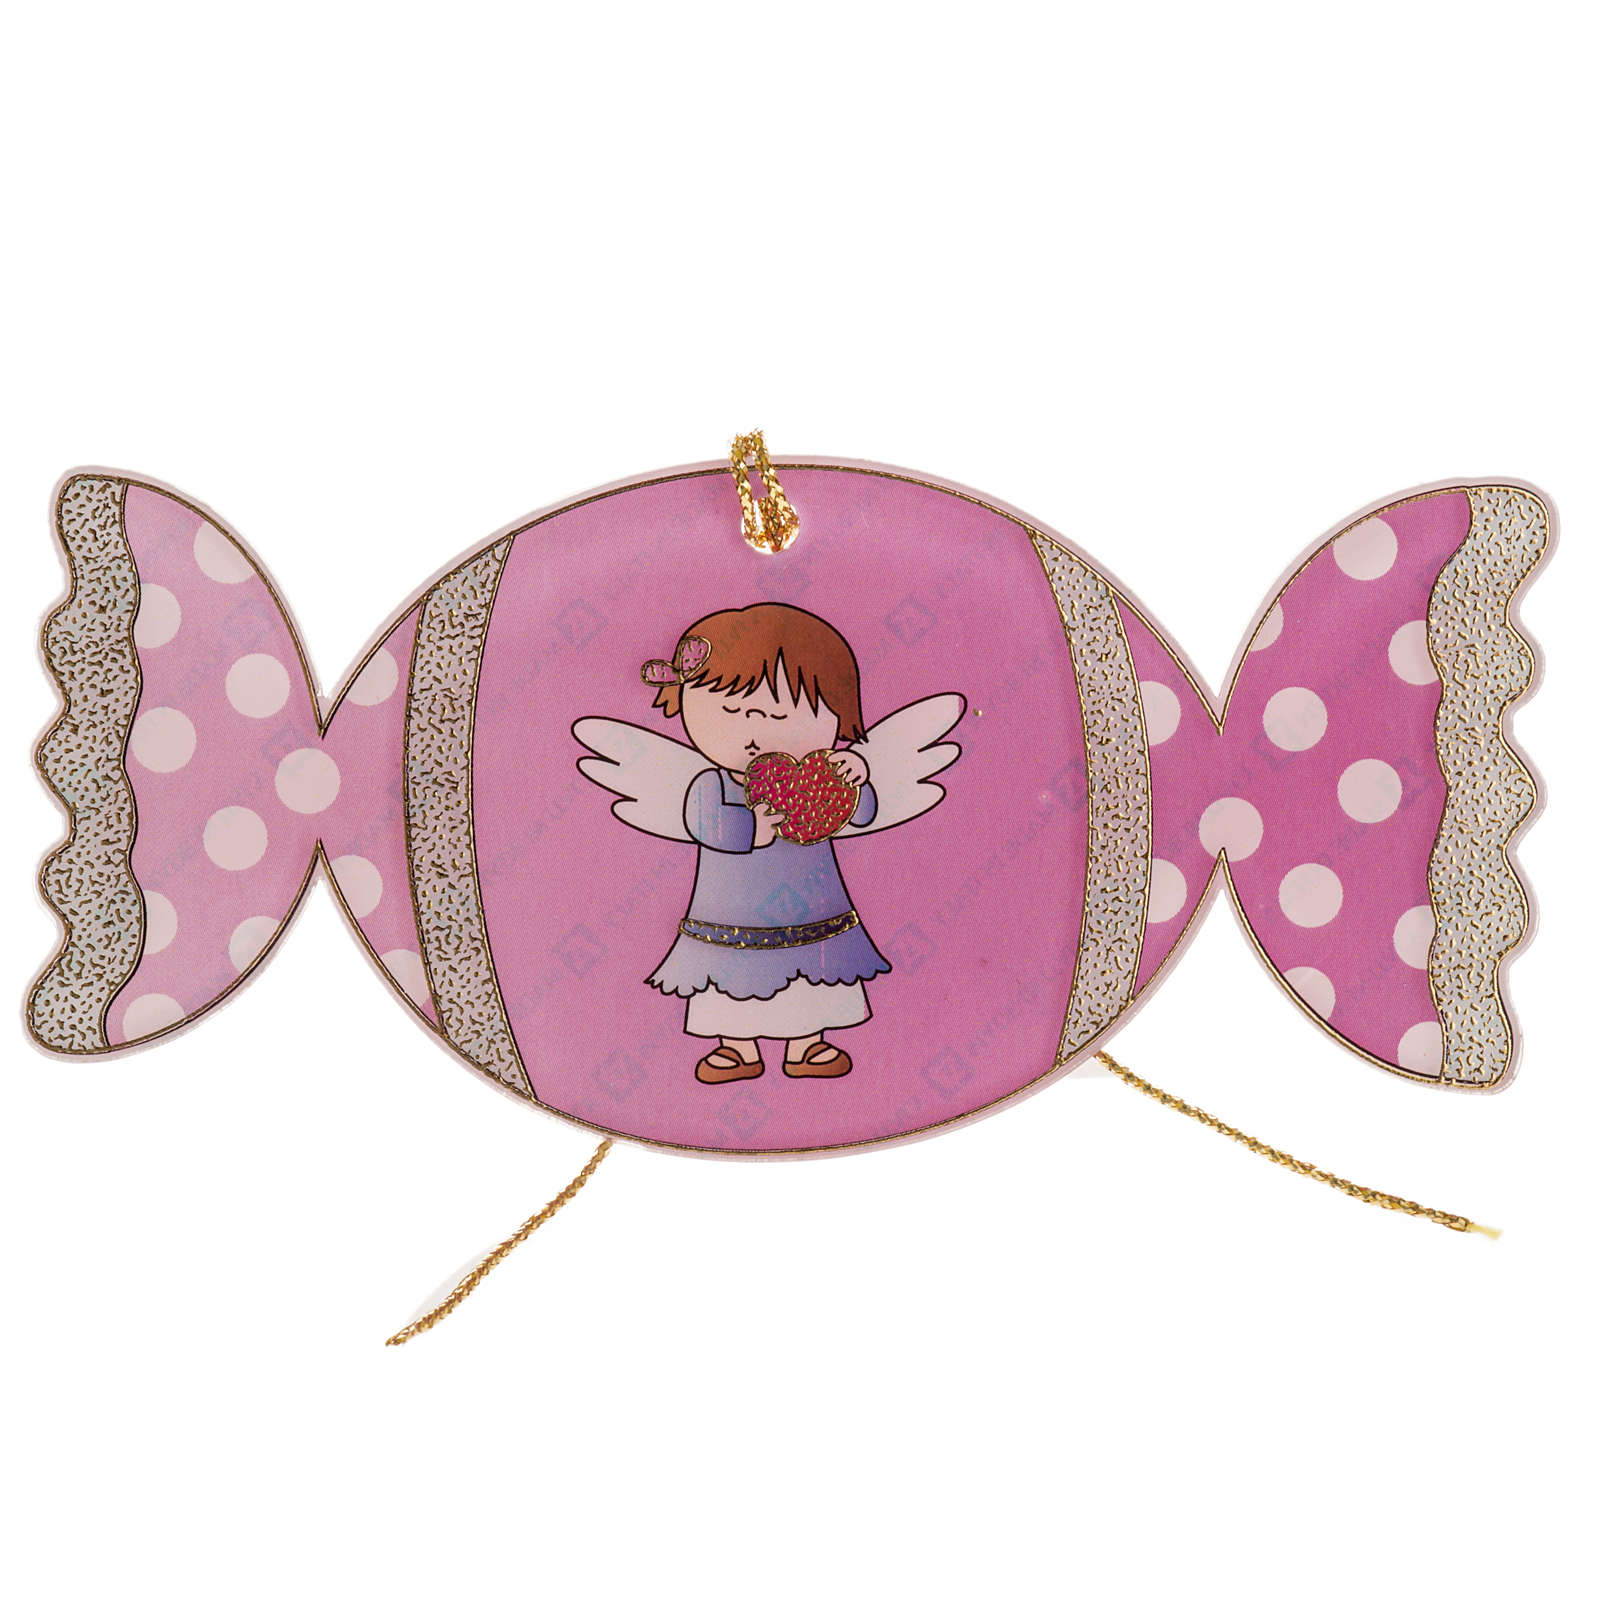 Décoration Sapin de Noel bonbon ange plexiglas 4